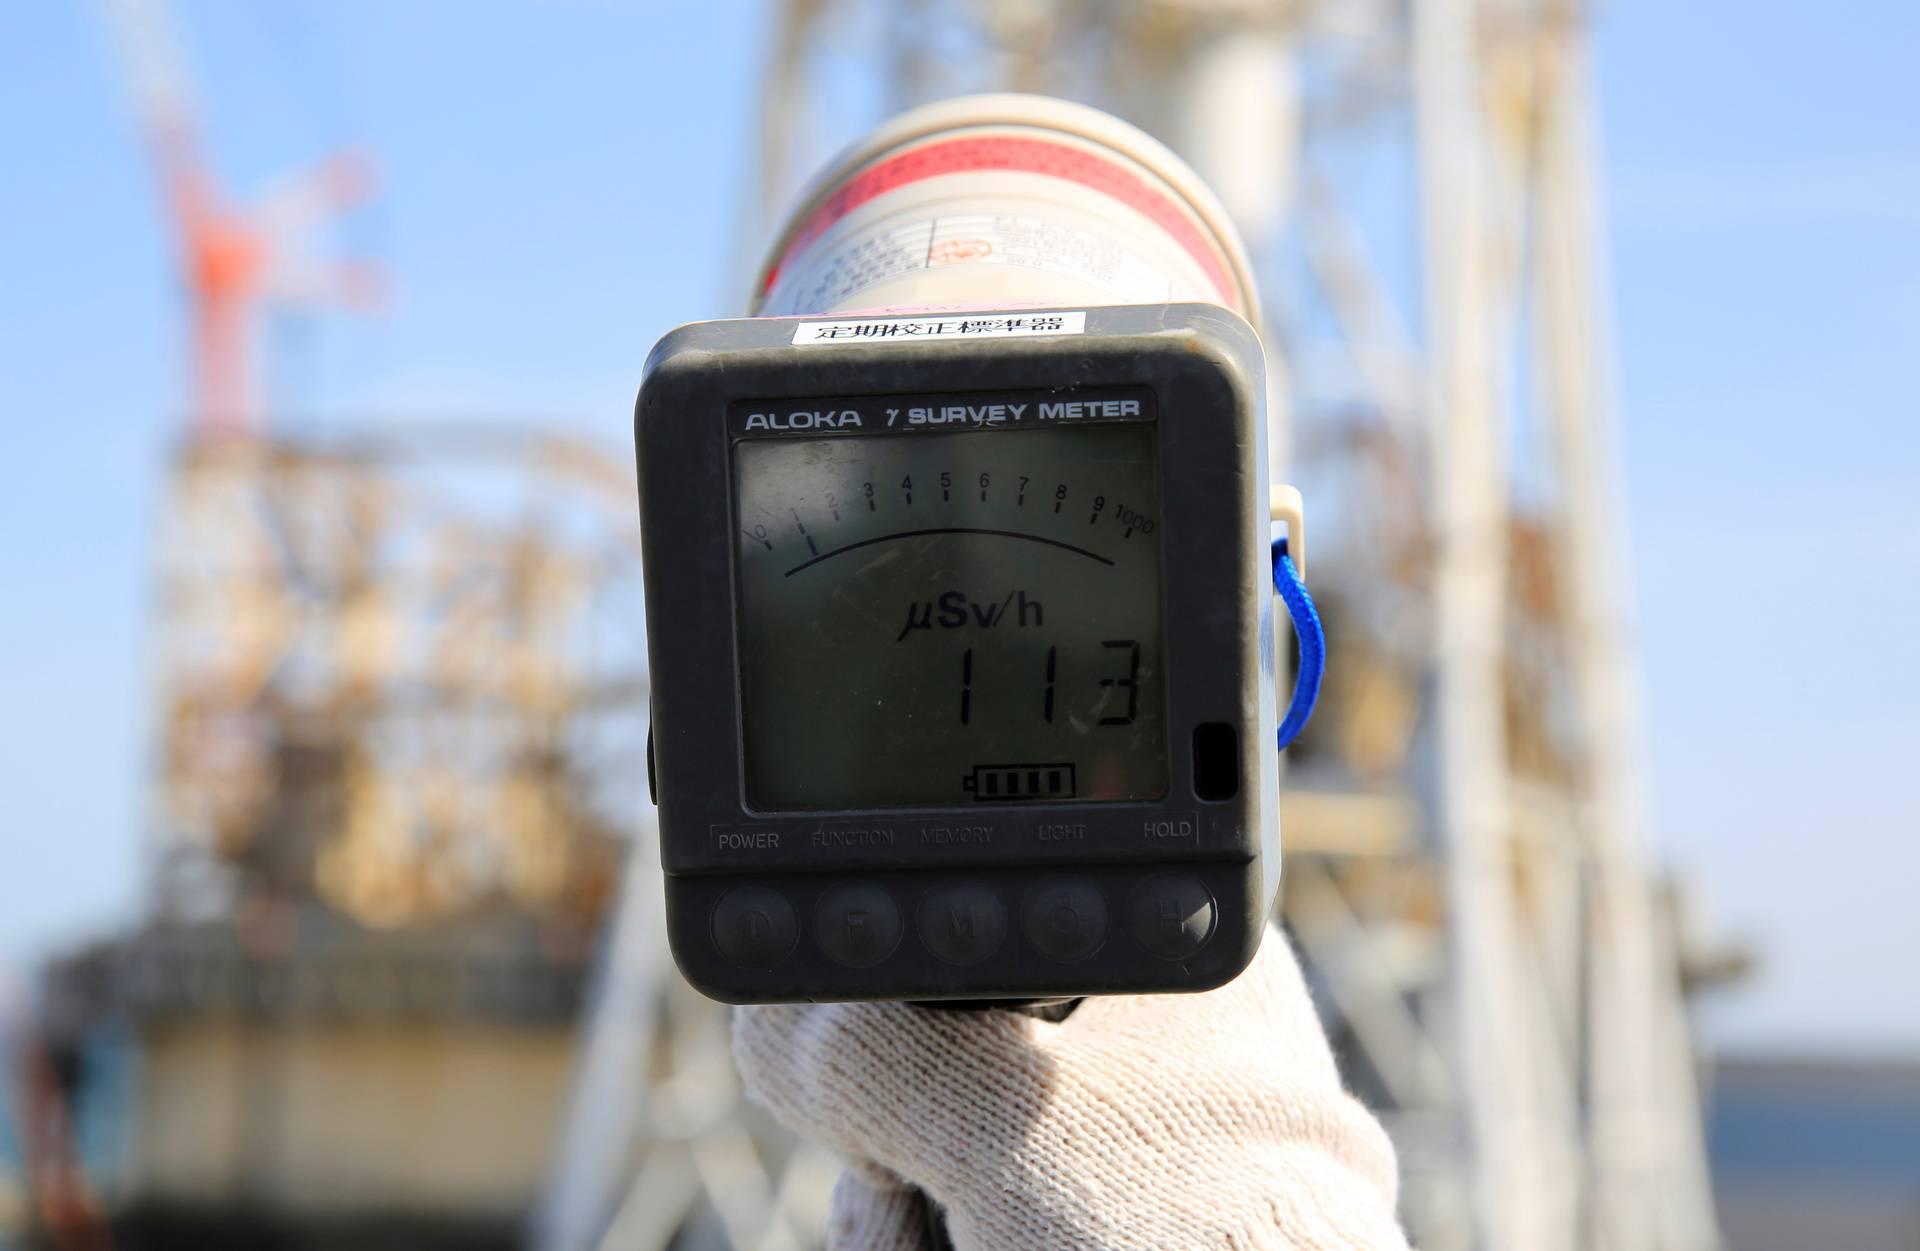 Prošlo 10 godina od jedne od najvećih katastrofa u povijesti: Ovako Fukushima sad izgleda